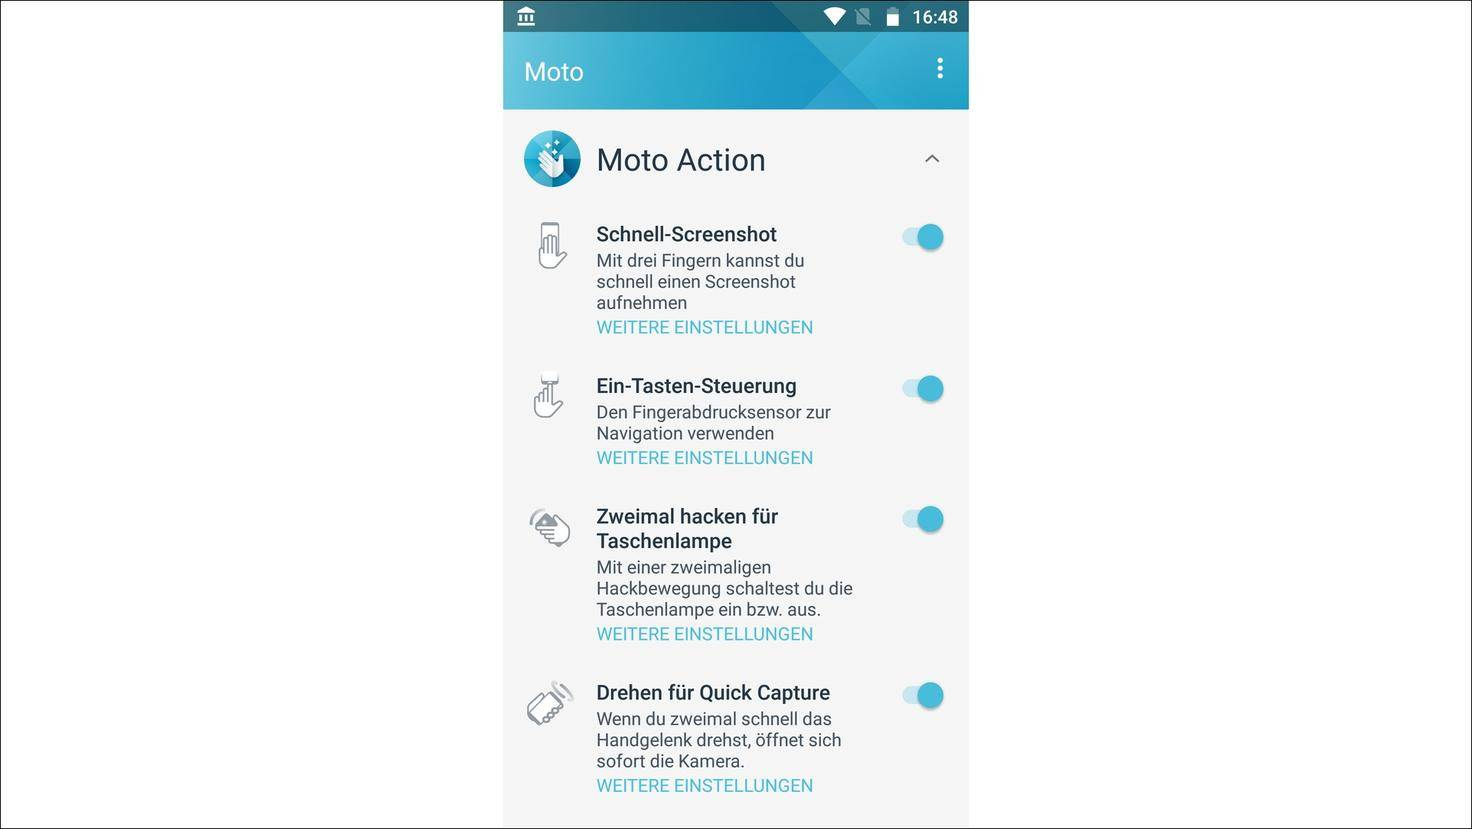 Moto-X4-Moto-Action